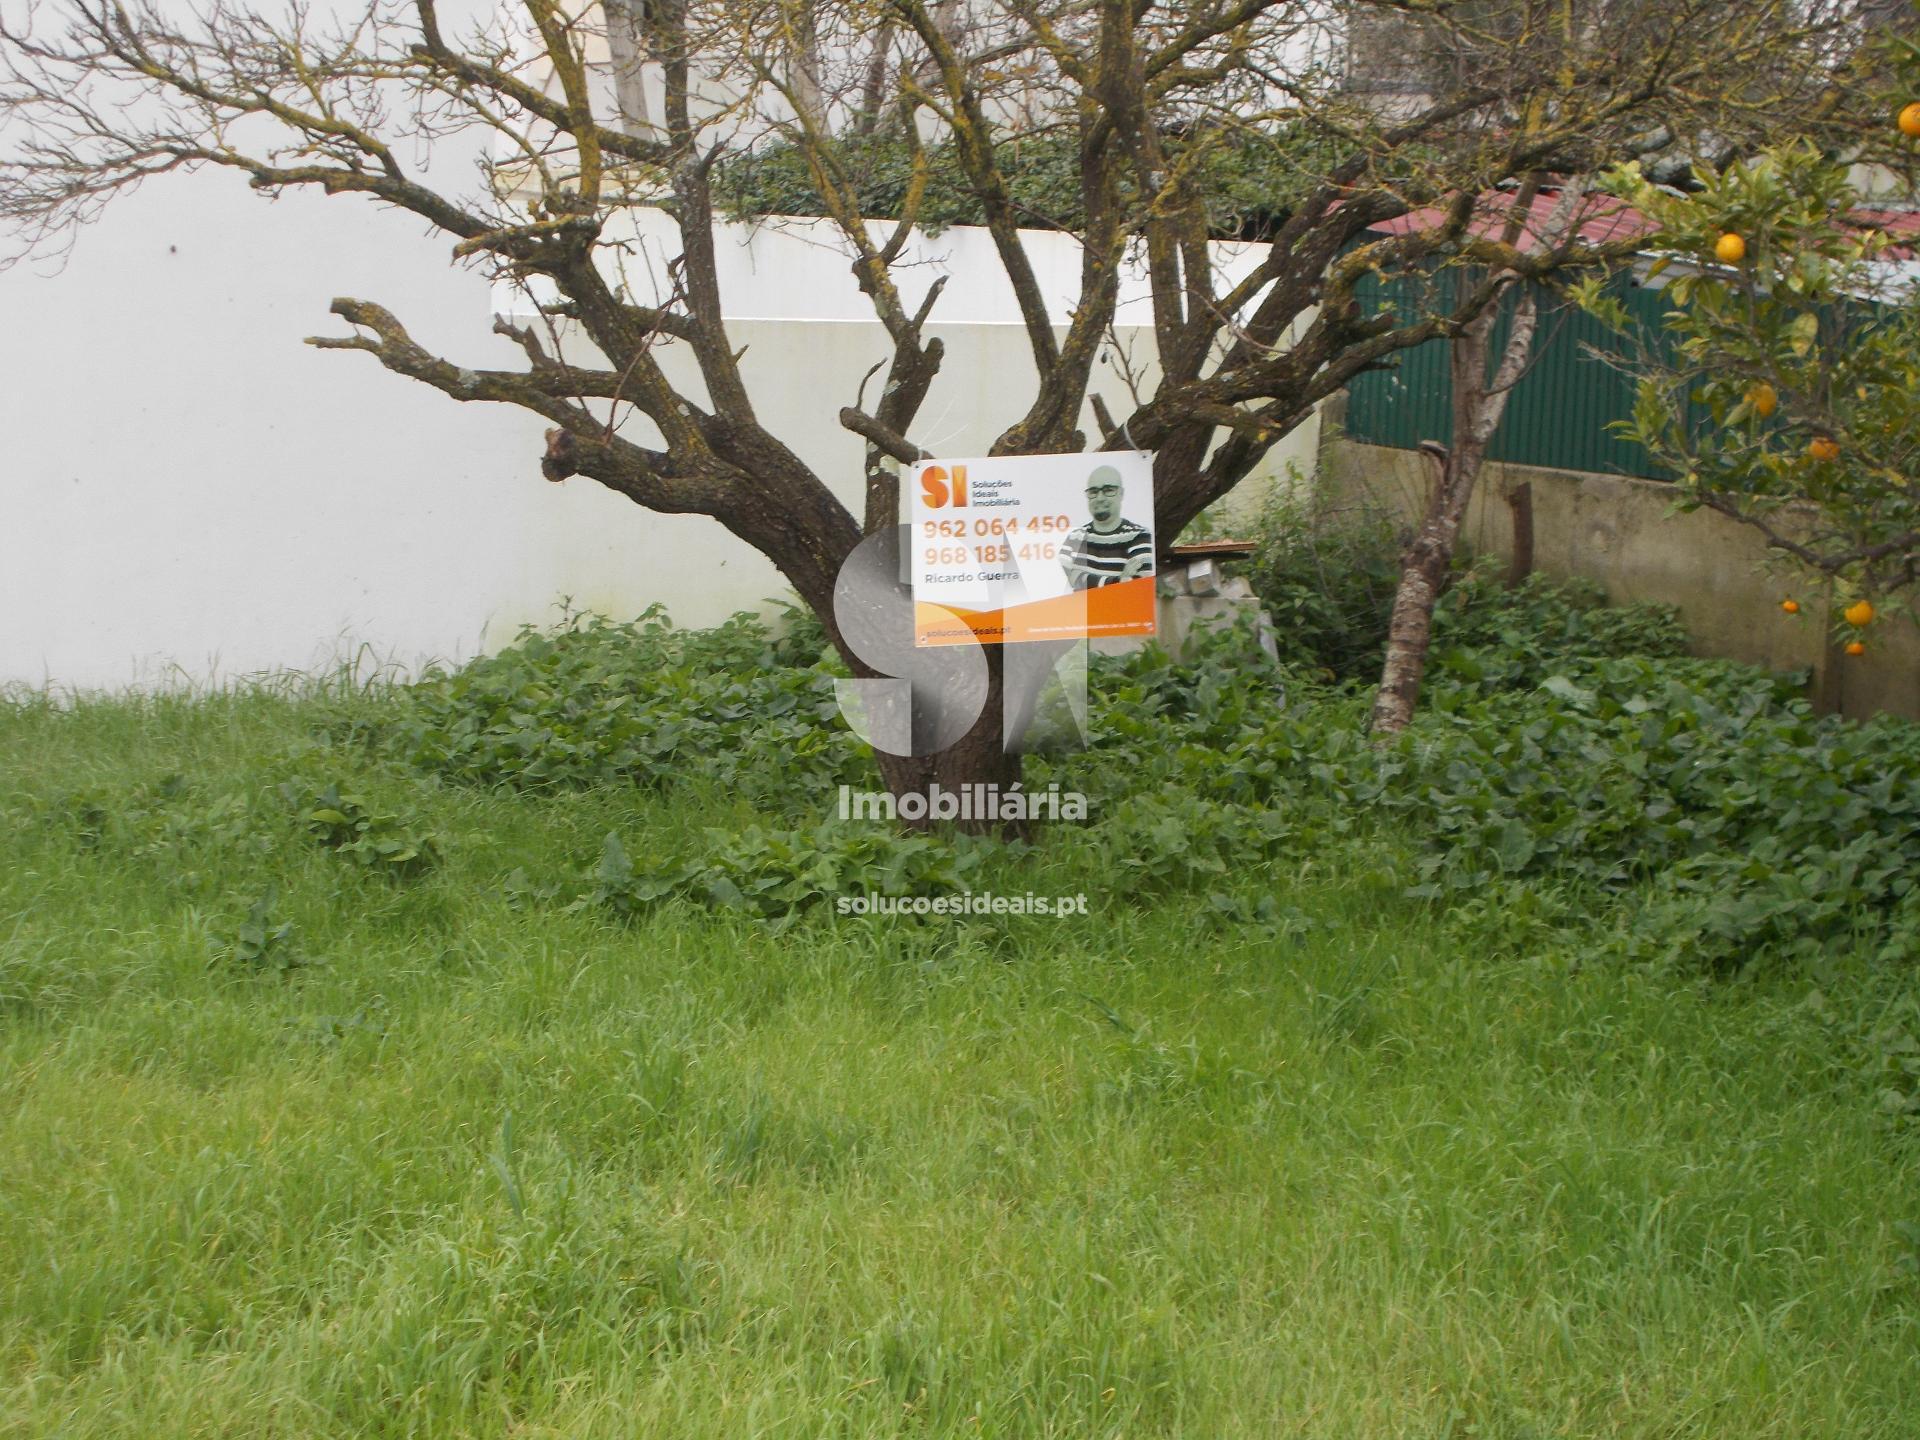 terreno para compra em almada uniao das freguesias de charneca de caparica e sobreda LARRG228